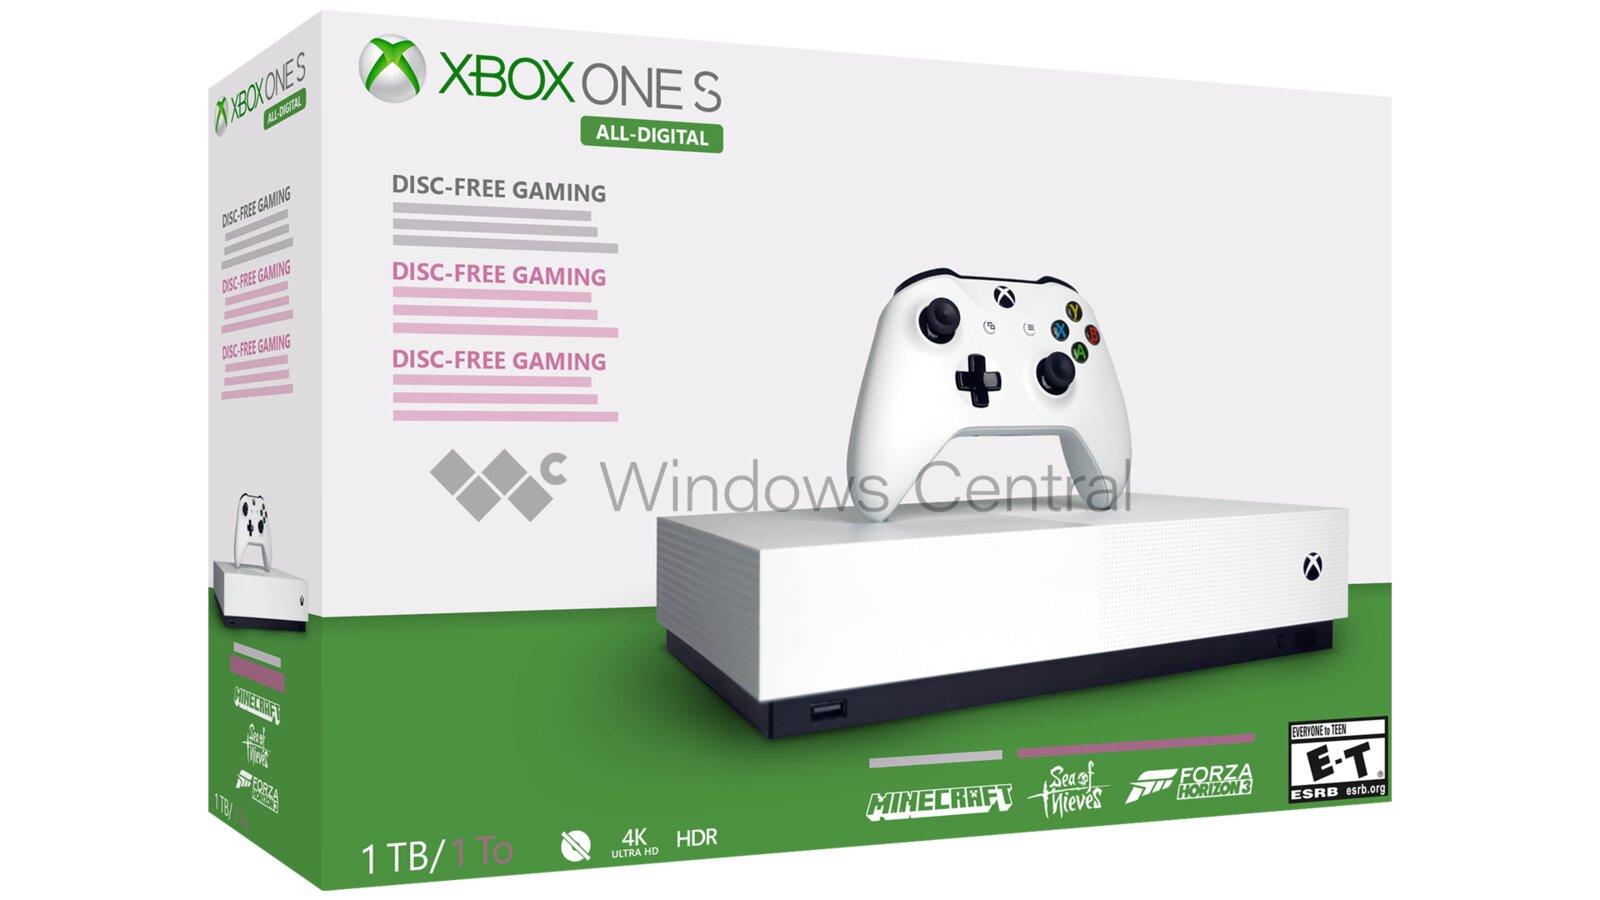 Von Windows Central nachgezeichnetes Artwork der Xbox One S All-Digital